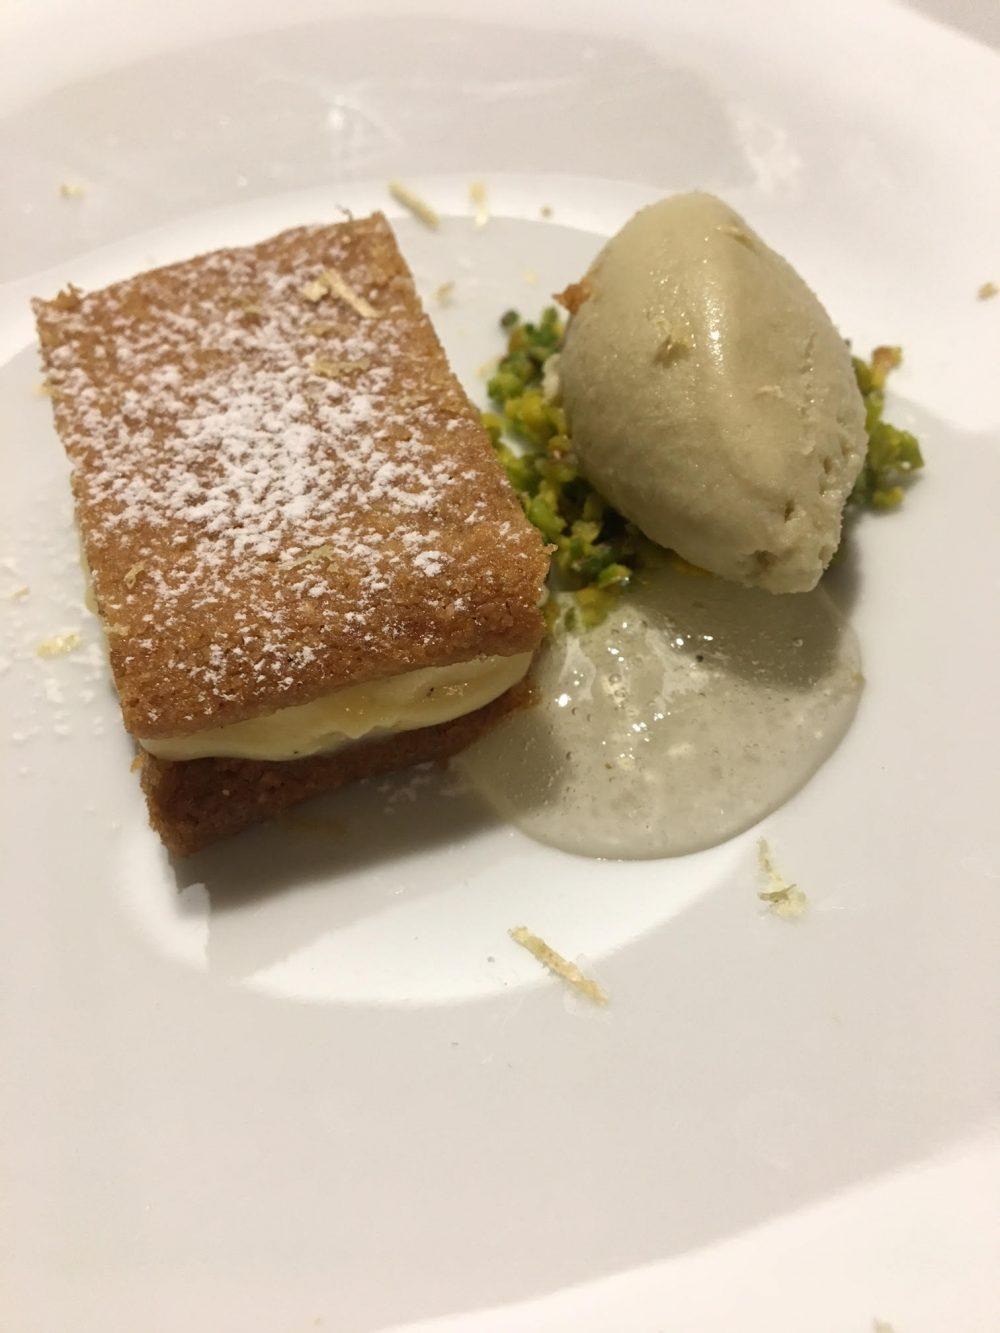 Qafiz - Millefoglie con gelato ai capperi e pistacchio